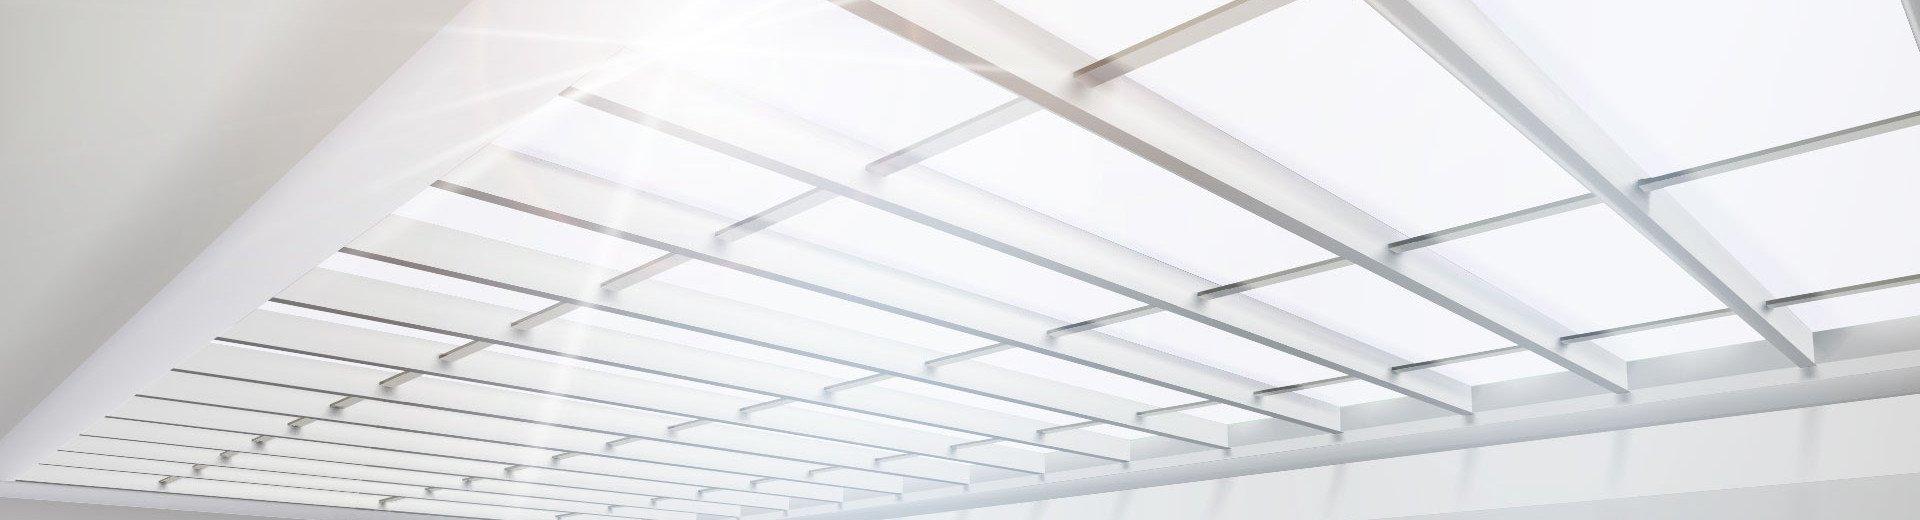 Okładka artykułu Znaczenie i odbiór barwy białej — Kolory w projektowaniu